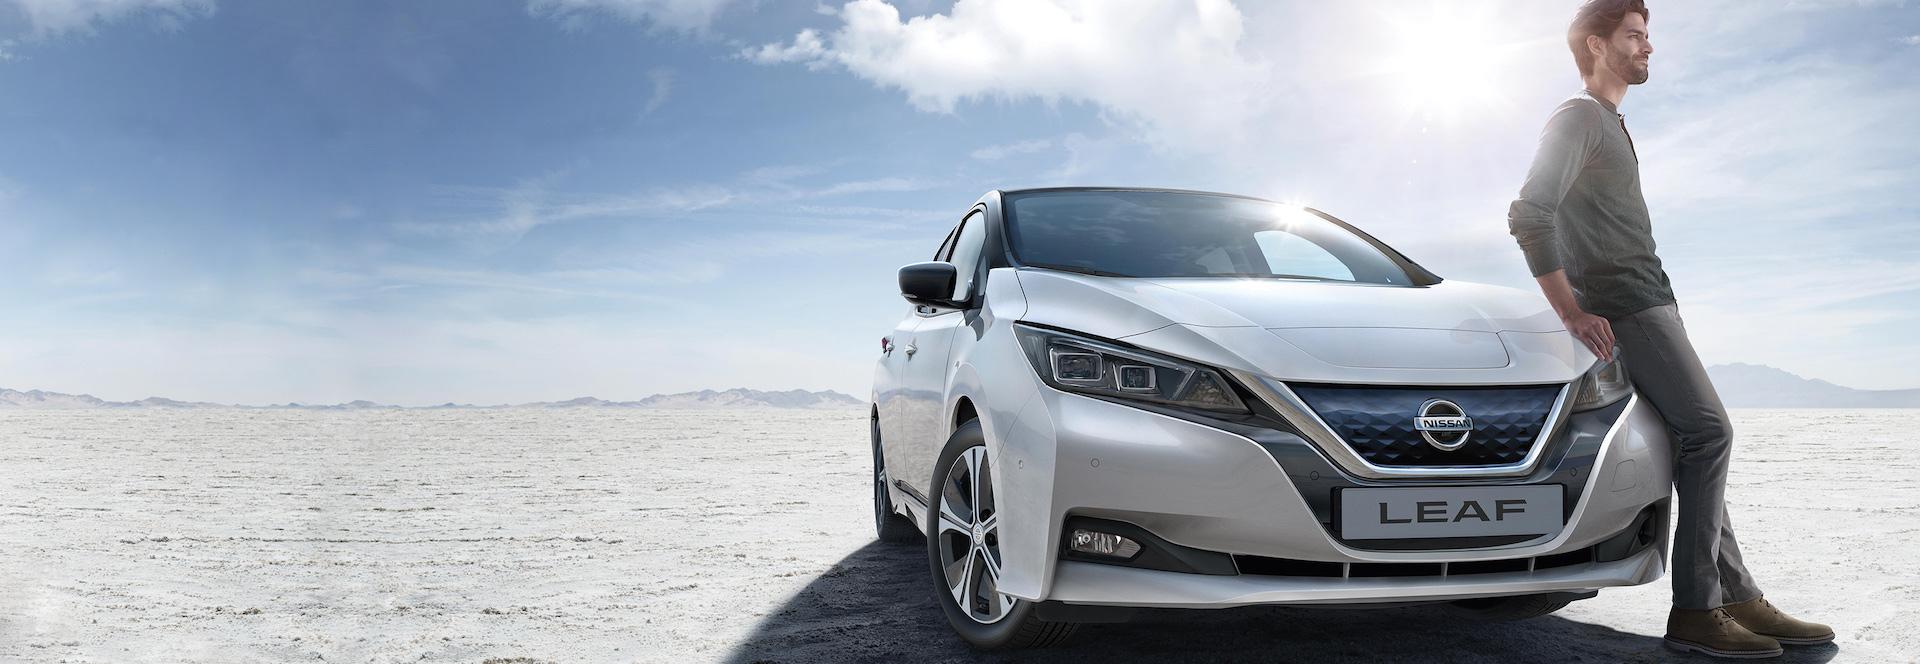 Nissan Leaf em elétrico